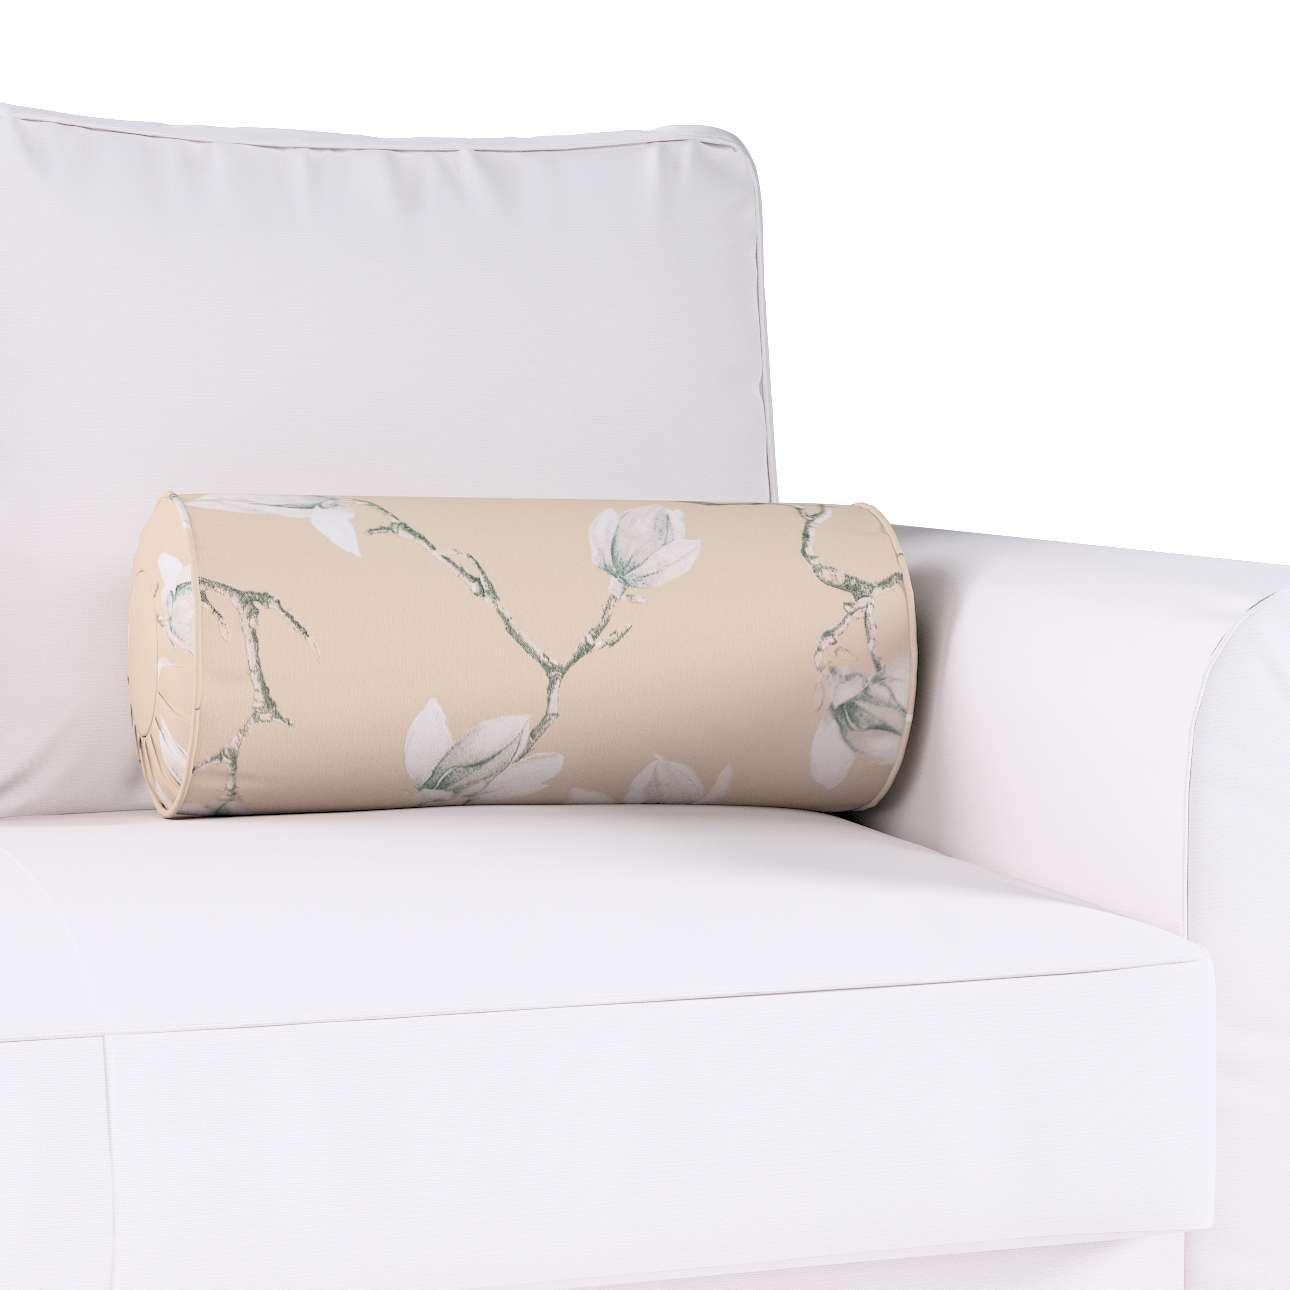 Poduszka wałek z zakładkami Ø20x50cm w kolekcji Flowers, tkanina: 311-12